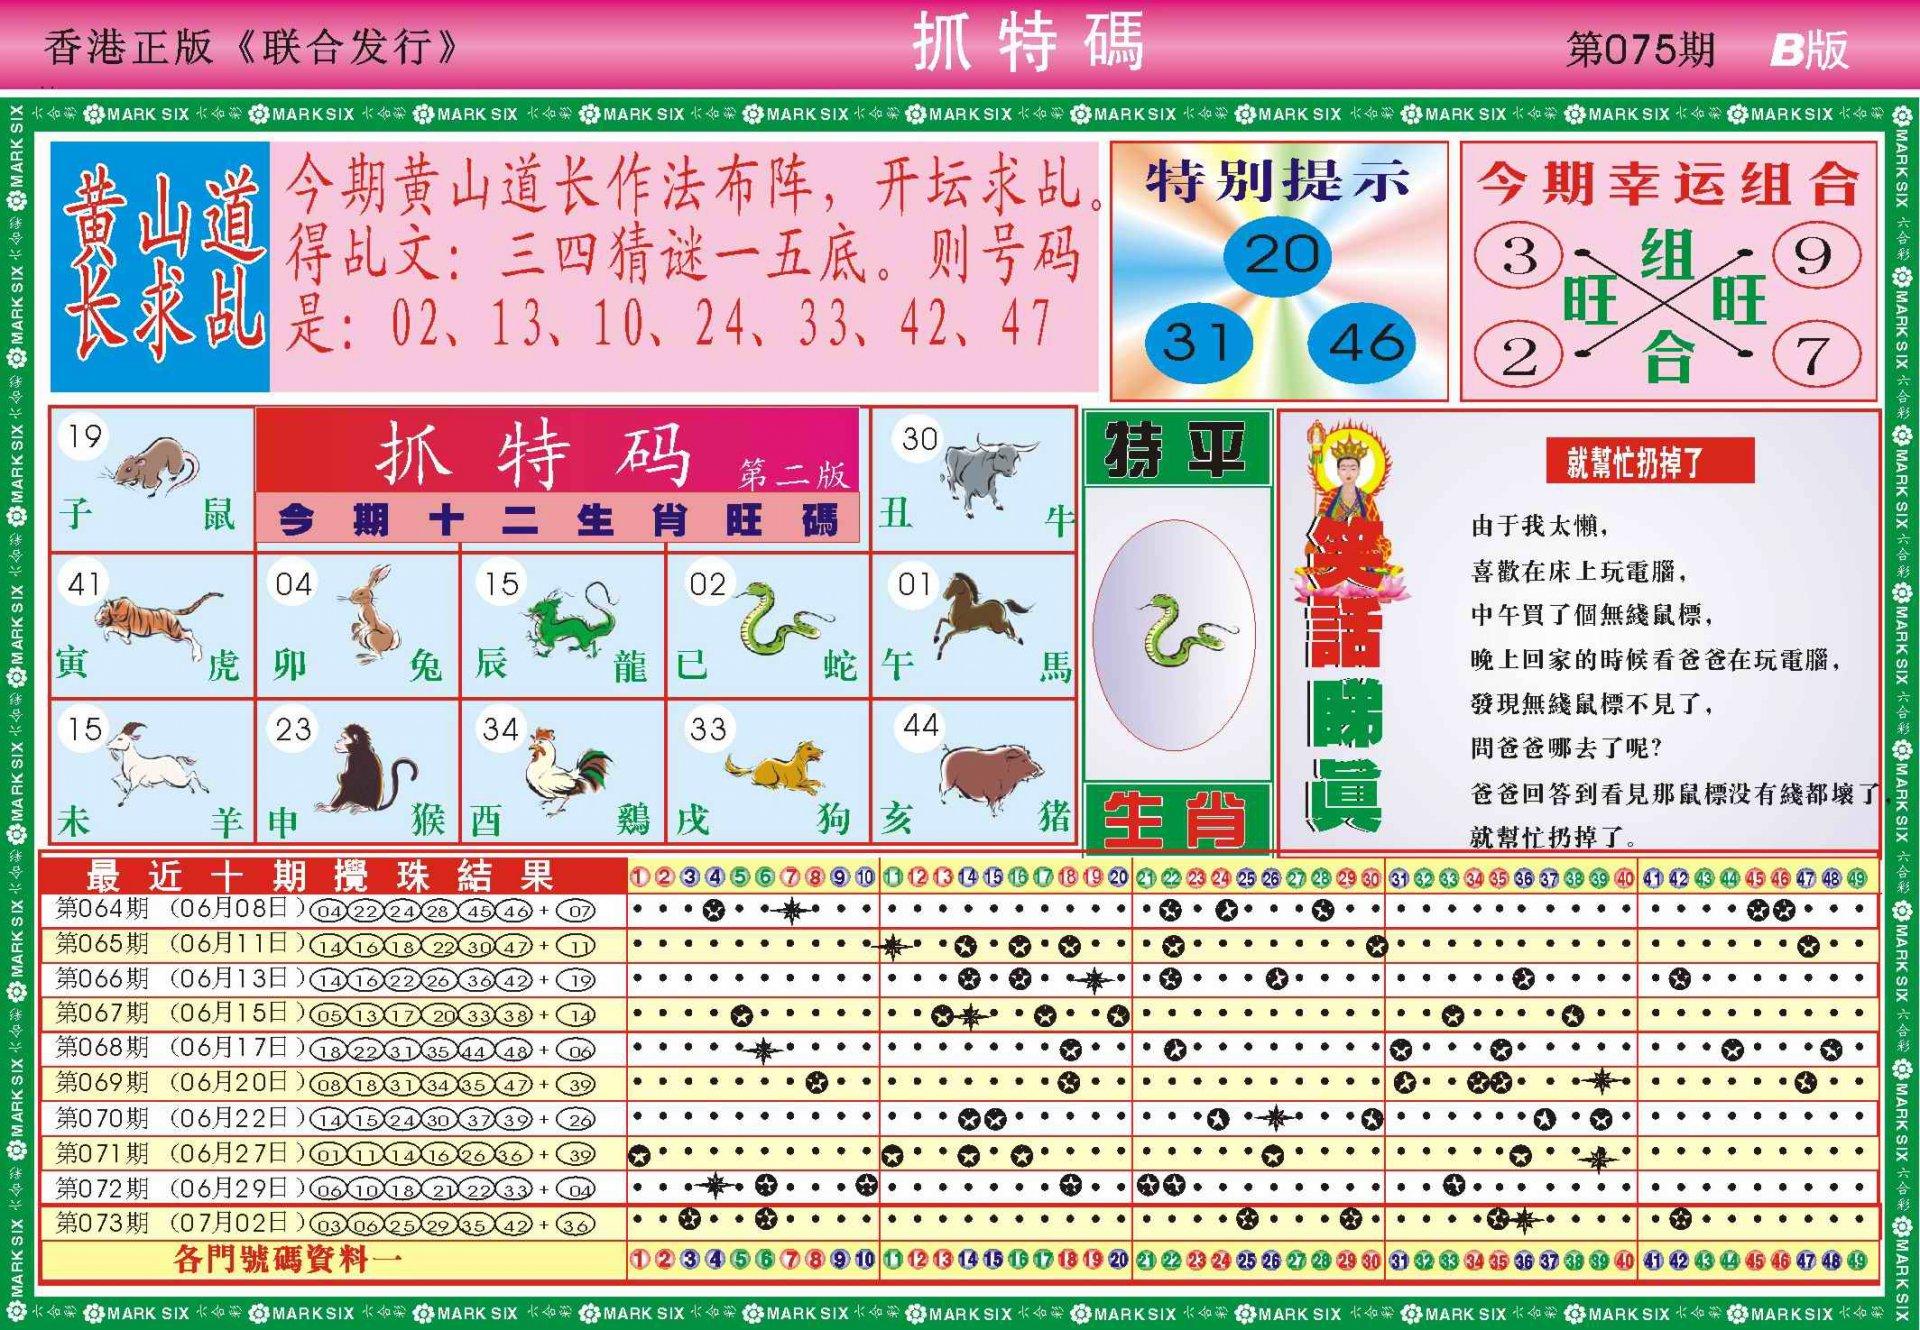 075期118抓特码B(新图)